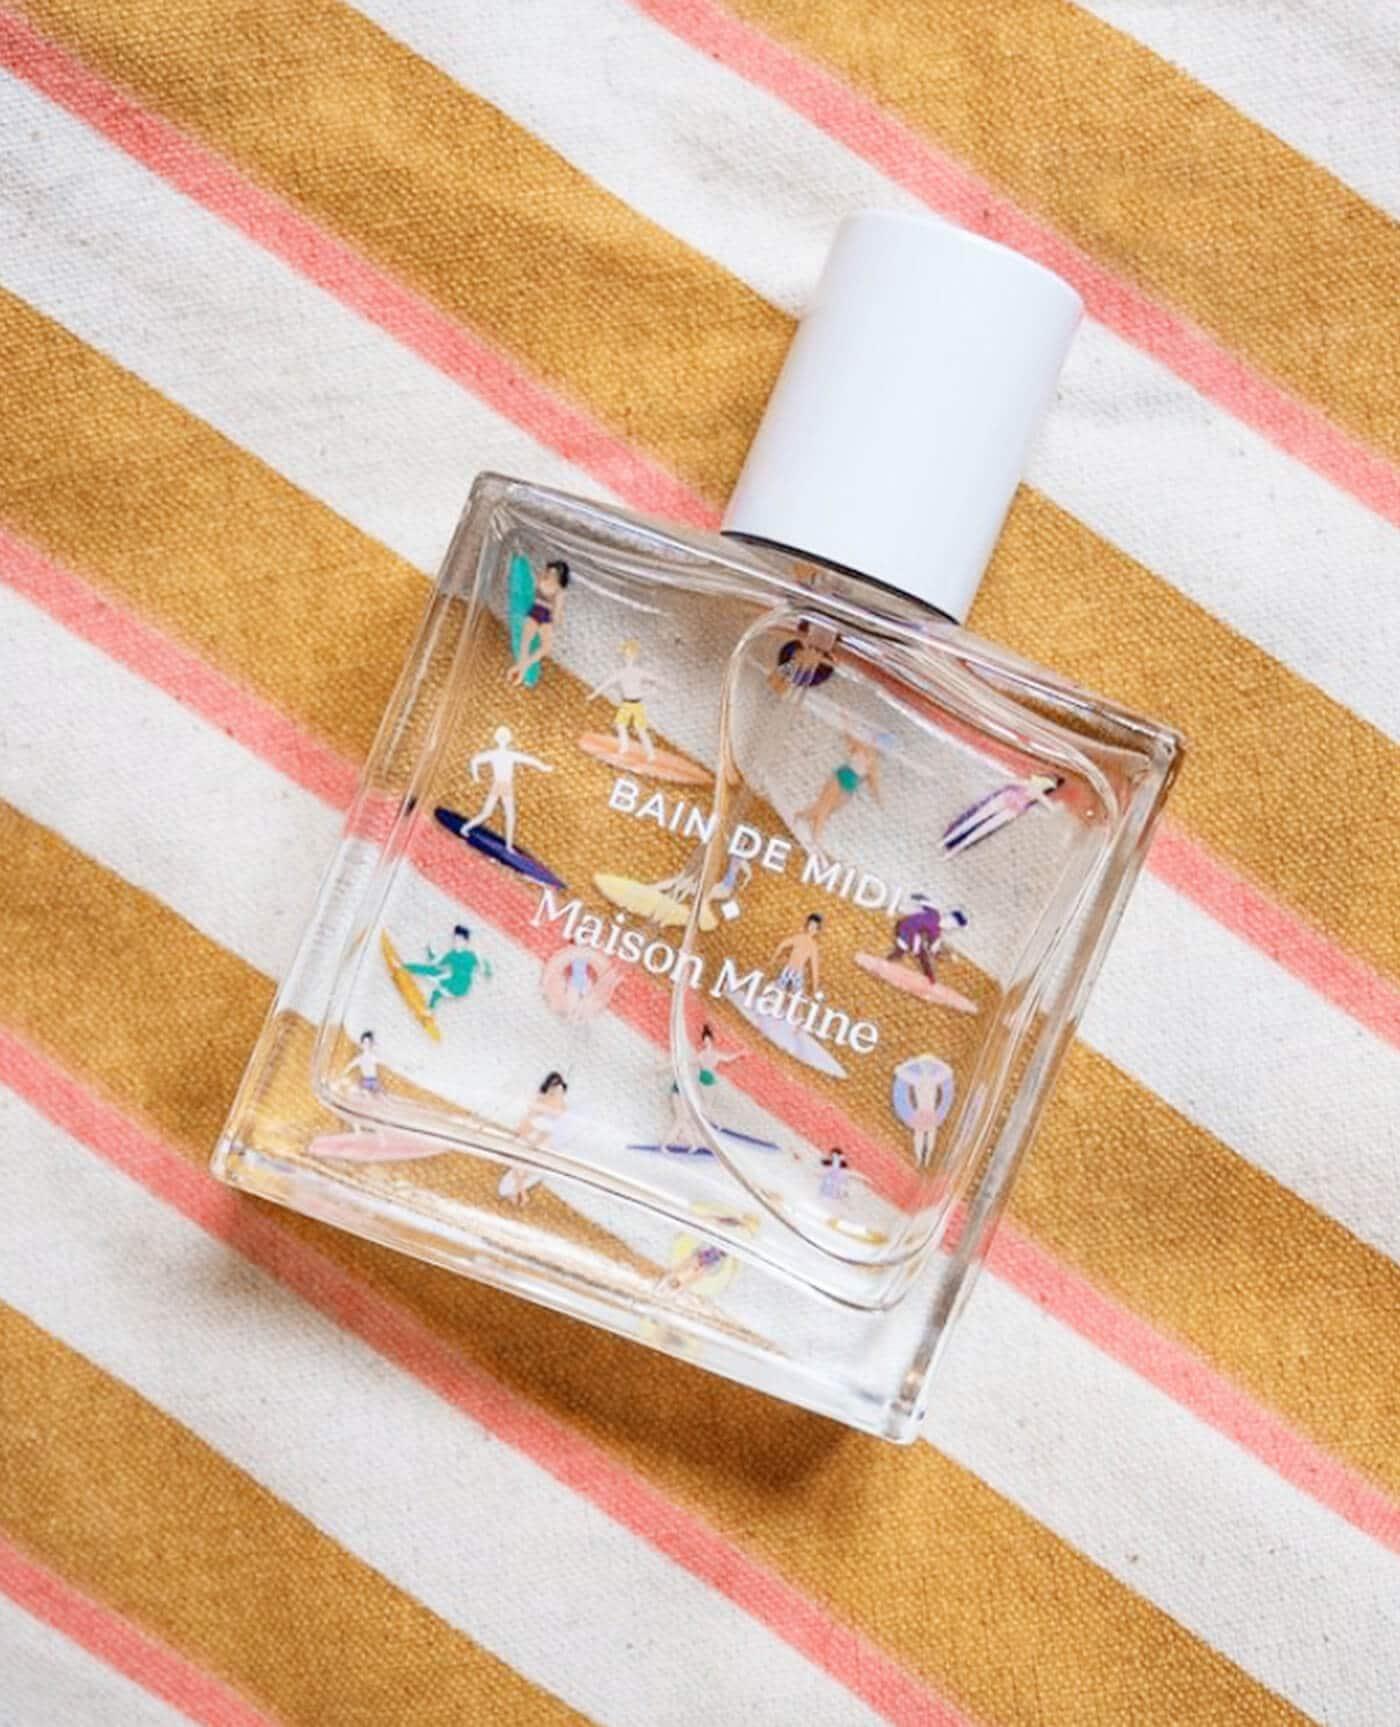 Parfum naturel bain de midi vegan à l'alcool bio de la marque Maison Matine made in France